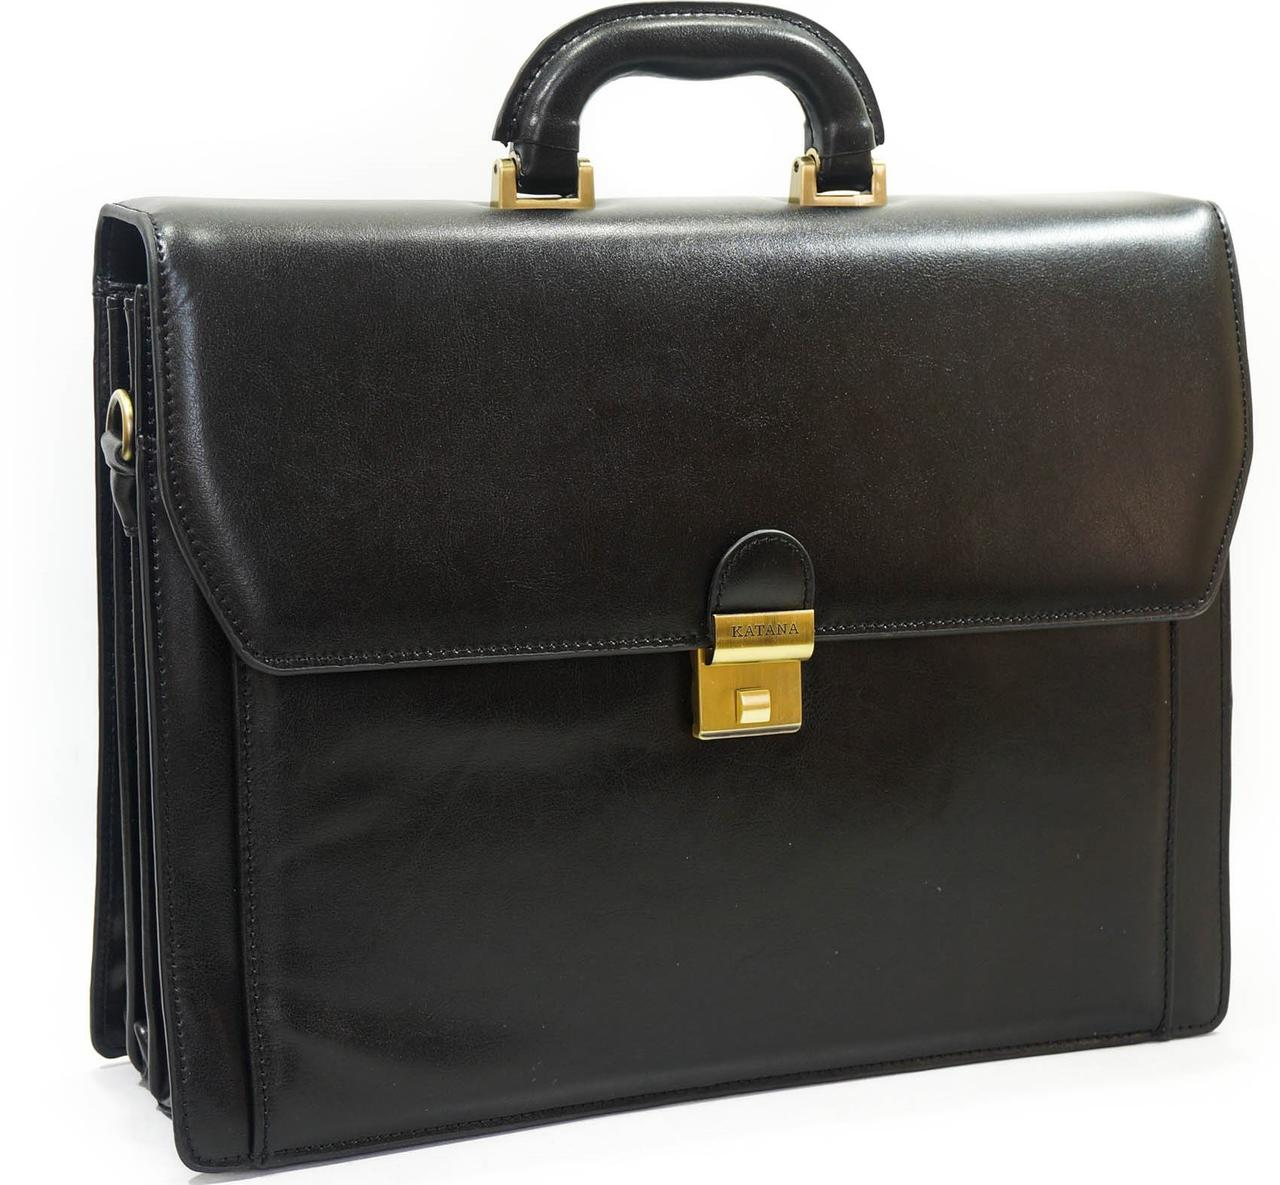 df036afe7367 Большой кожаный портфель Katana K63033-01, цена 3 439 грн., купить в ...